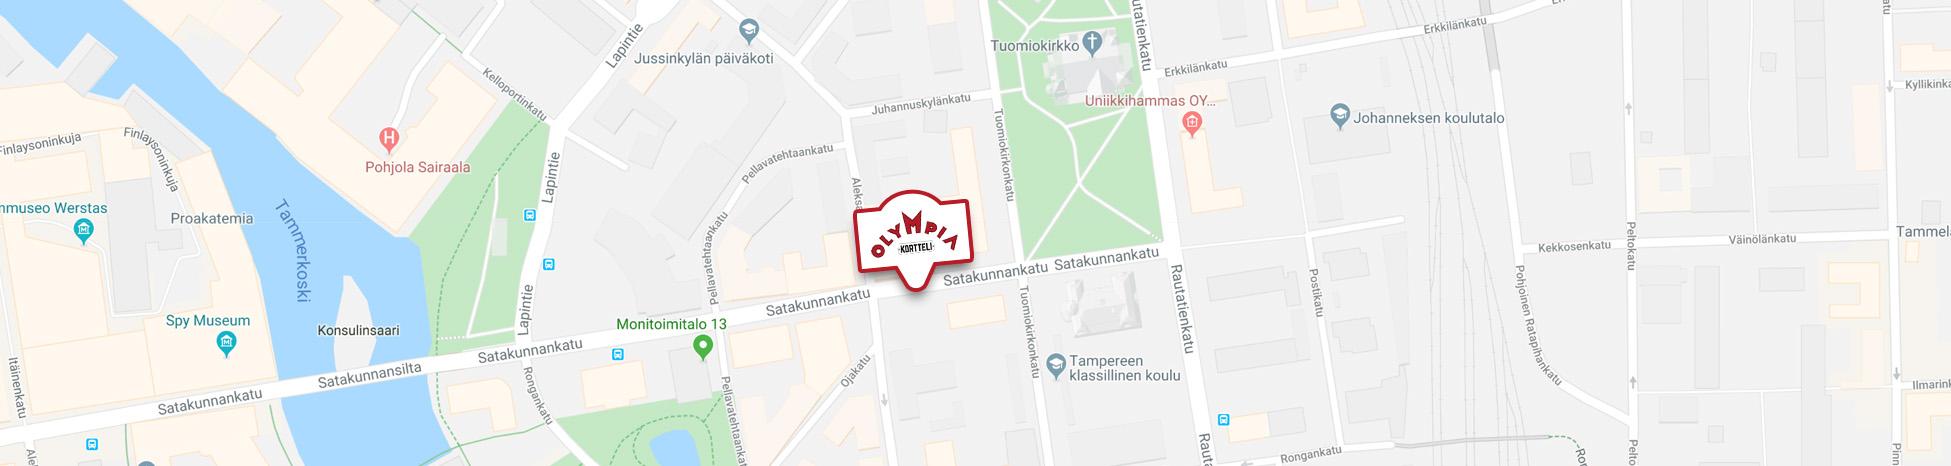 Olympia-korttelin sijainti kartalla